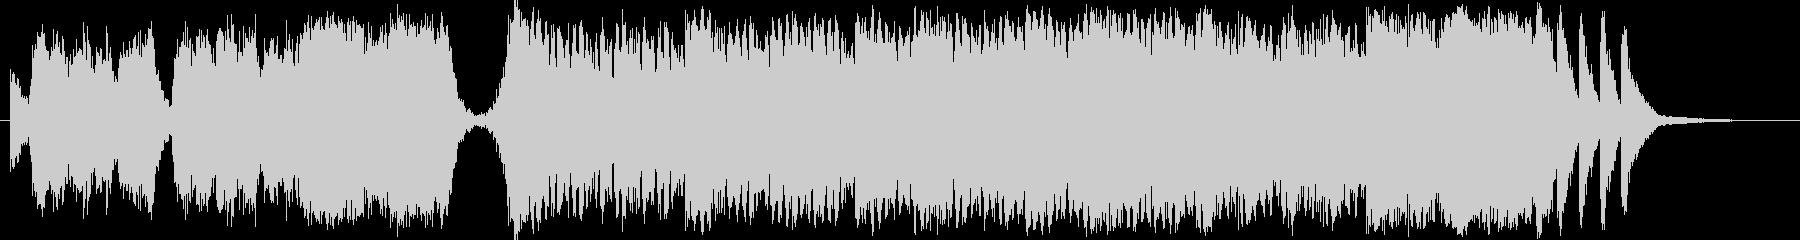 カルミナブラーナ風コーラス曲の未再生の波形